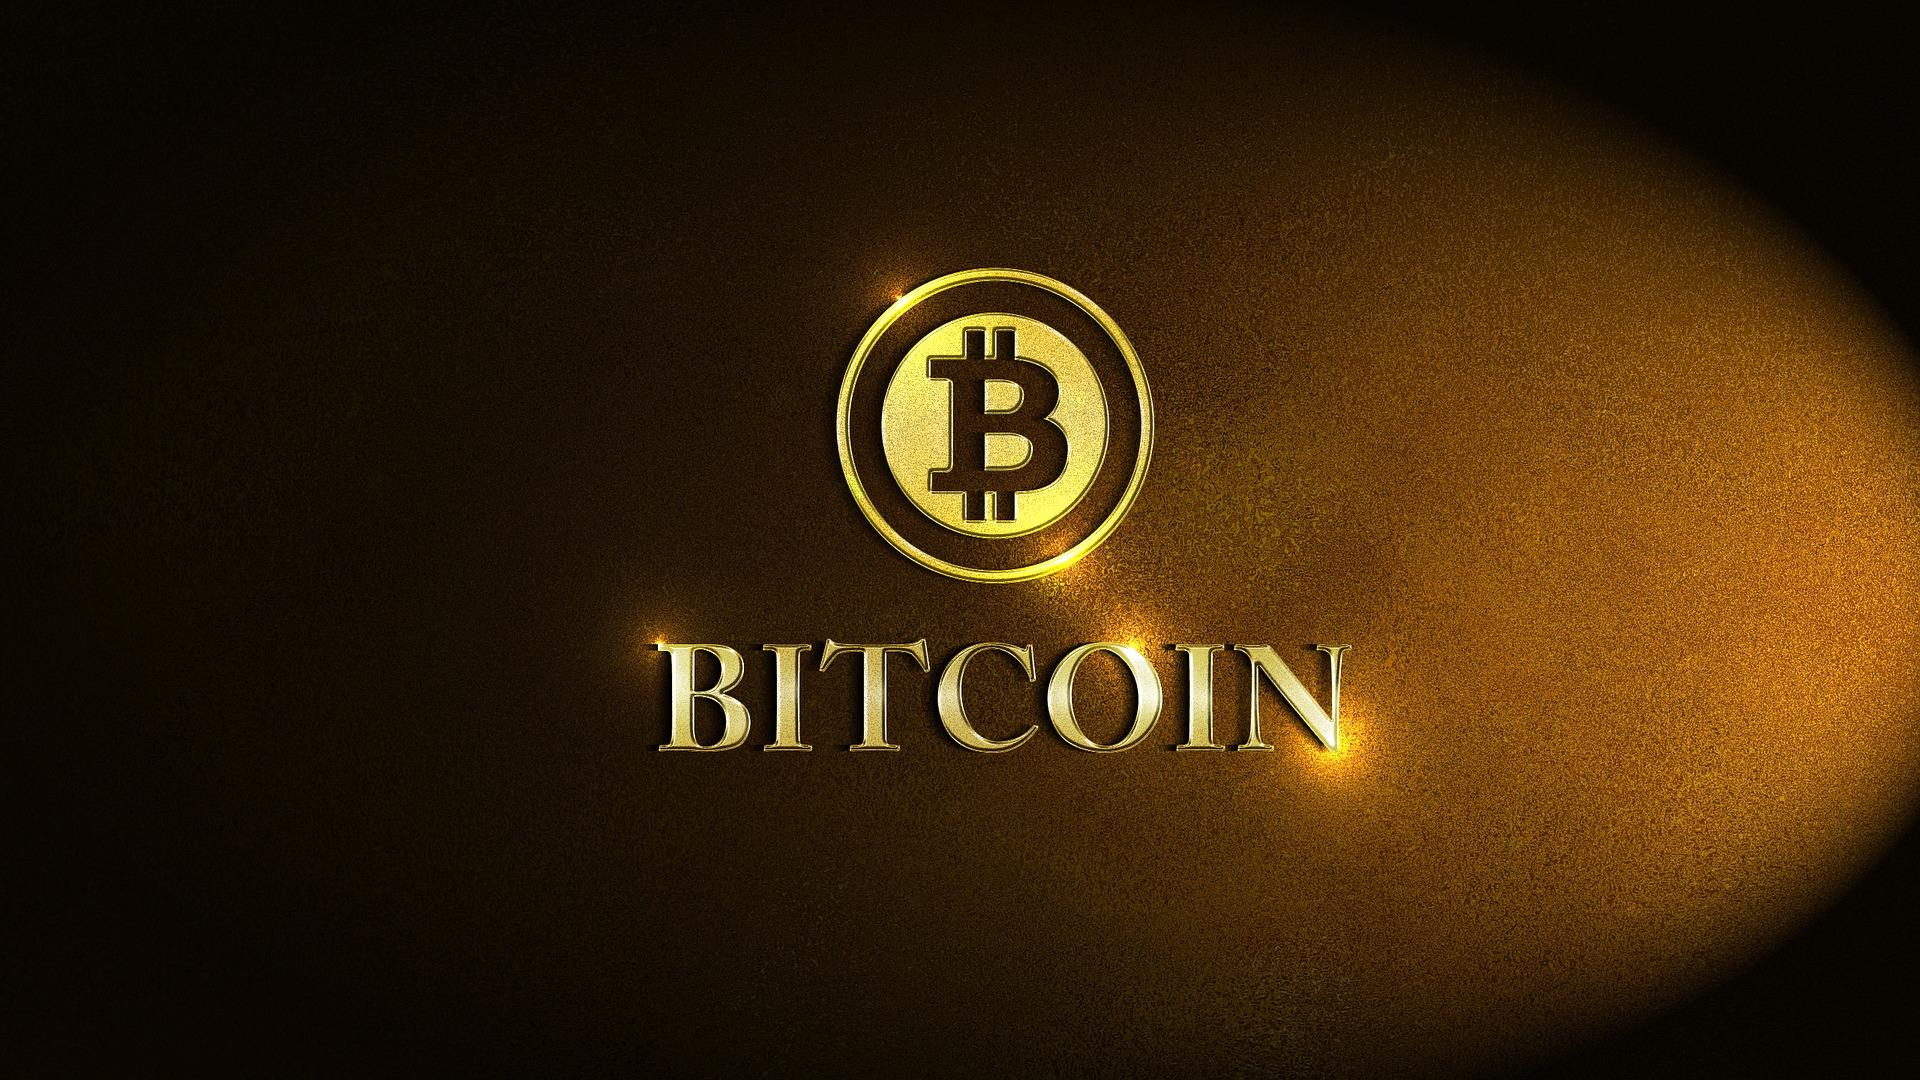 Українські юристи почали приймати Bitcoin в якості оплати за послуги